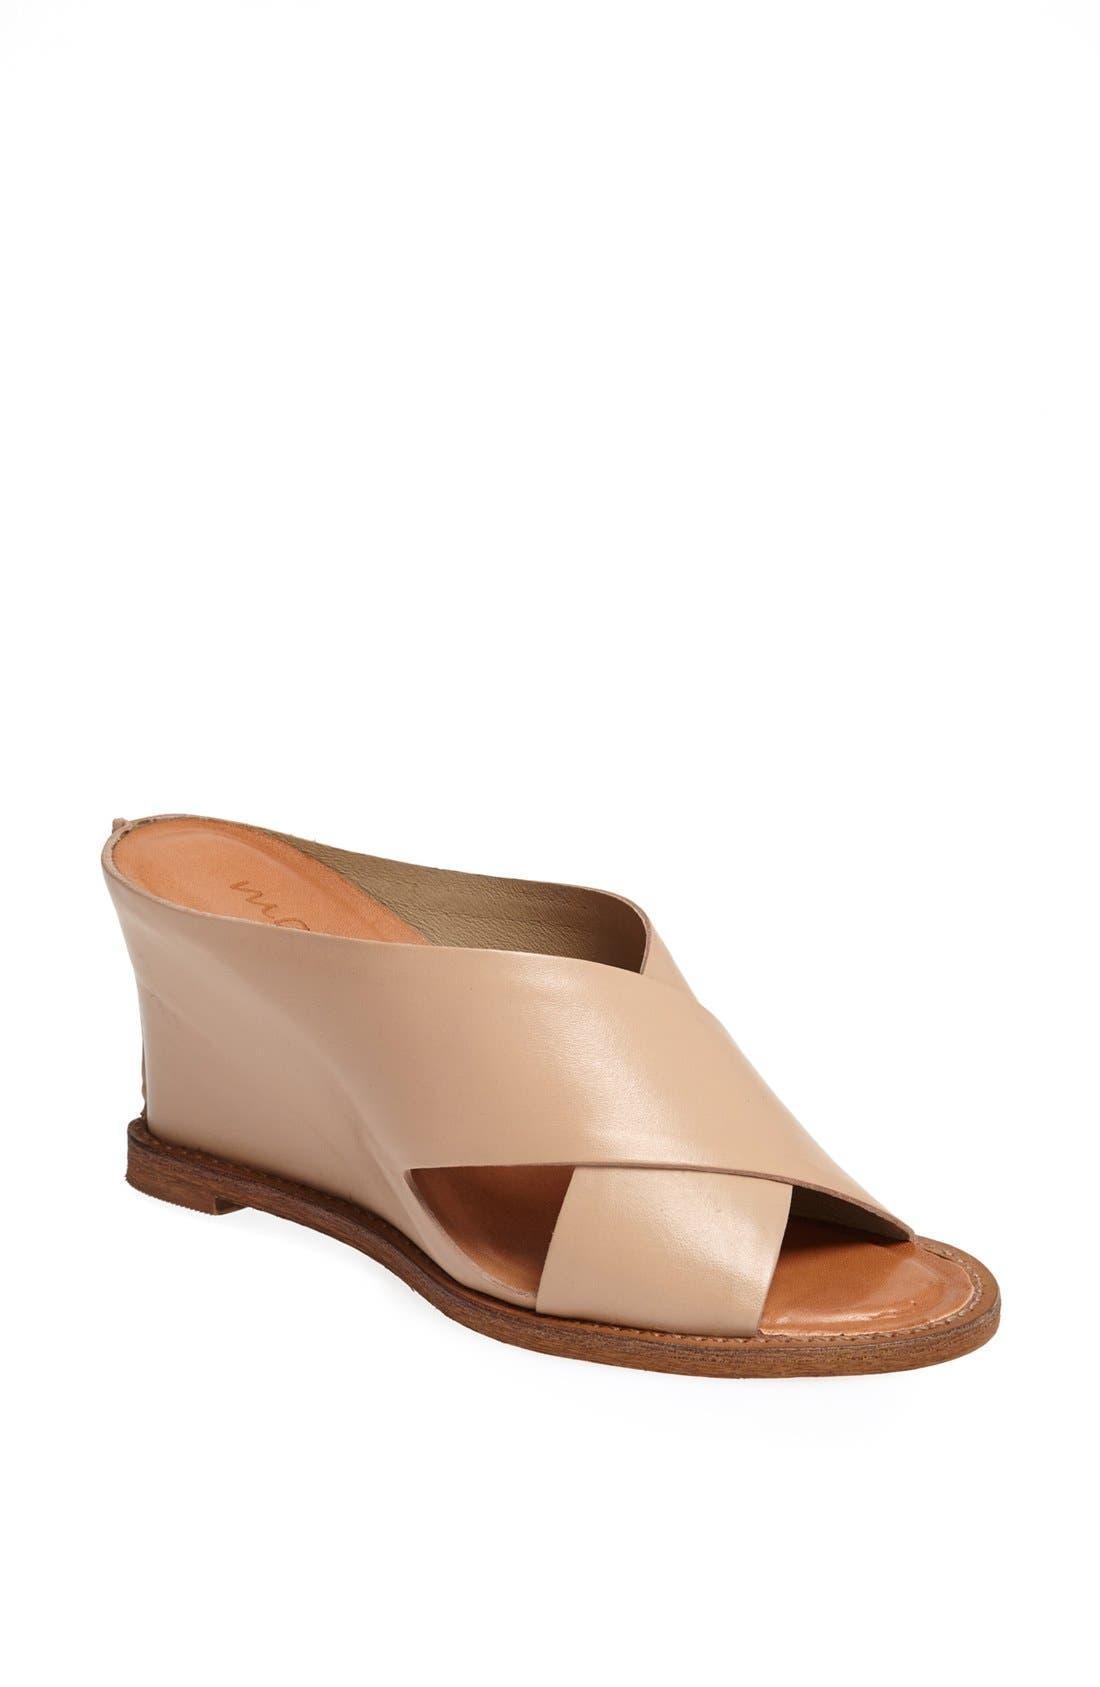 Main Image - Matisse 'Habitual' Sandal